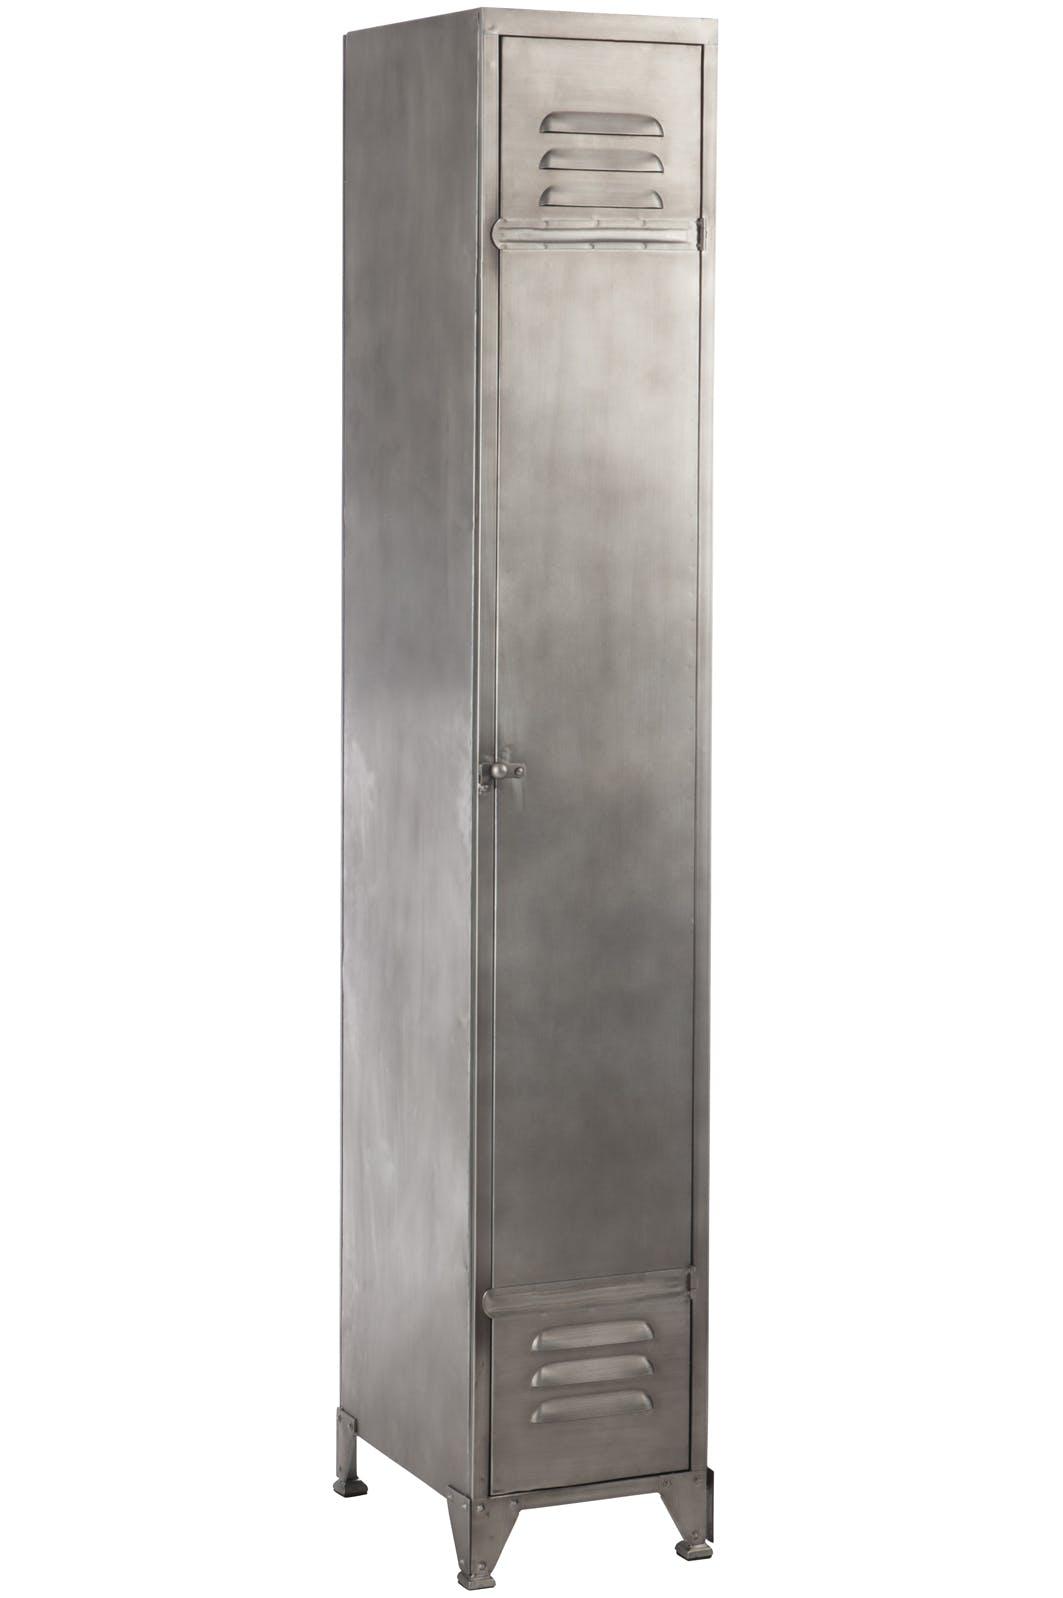 Armoire métallique 3 étagères gris clair 29x41x175 cm ref.30022917